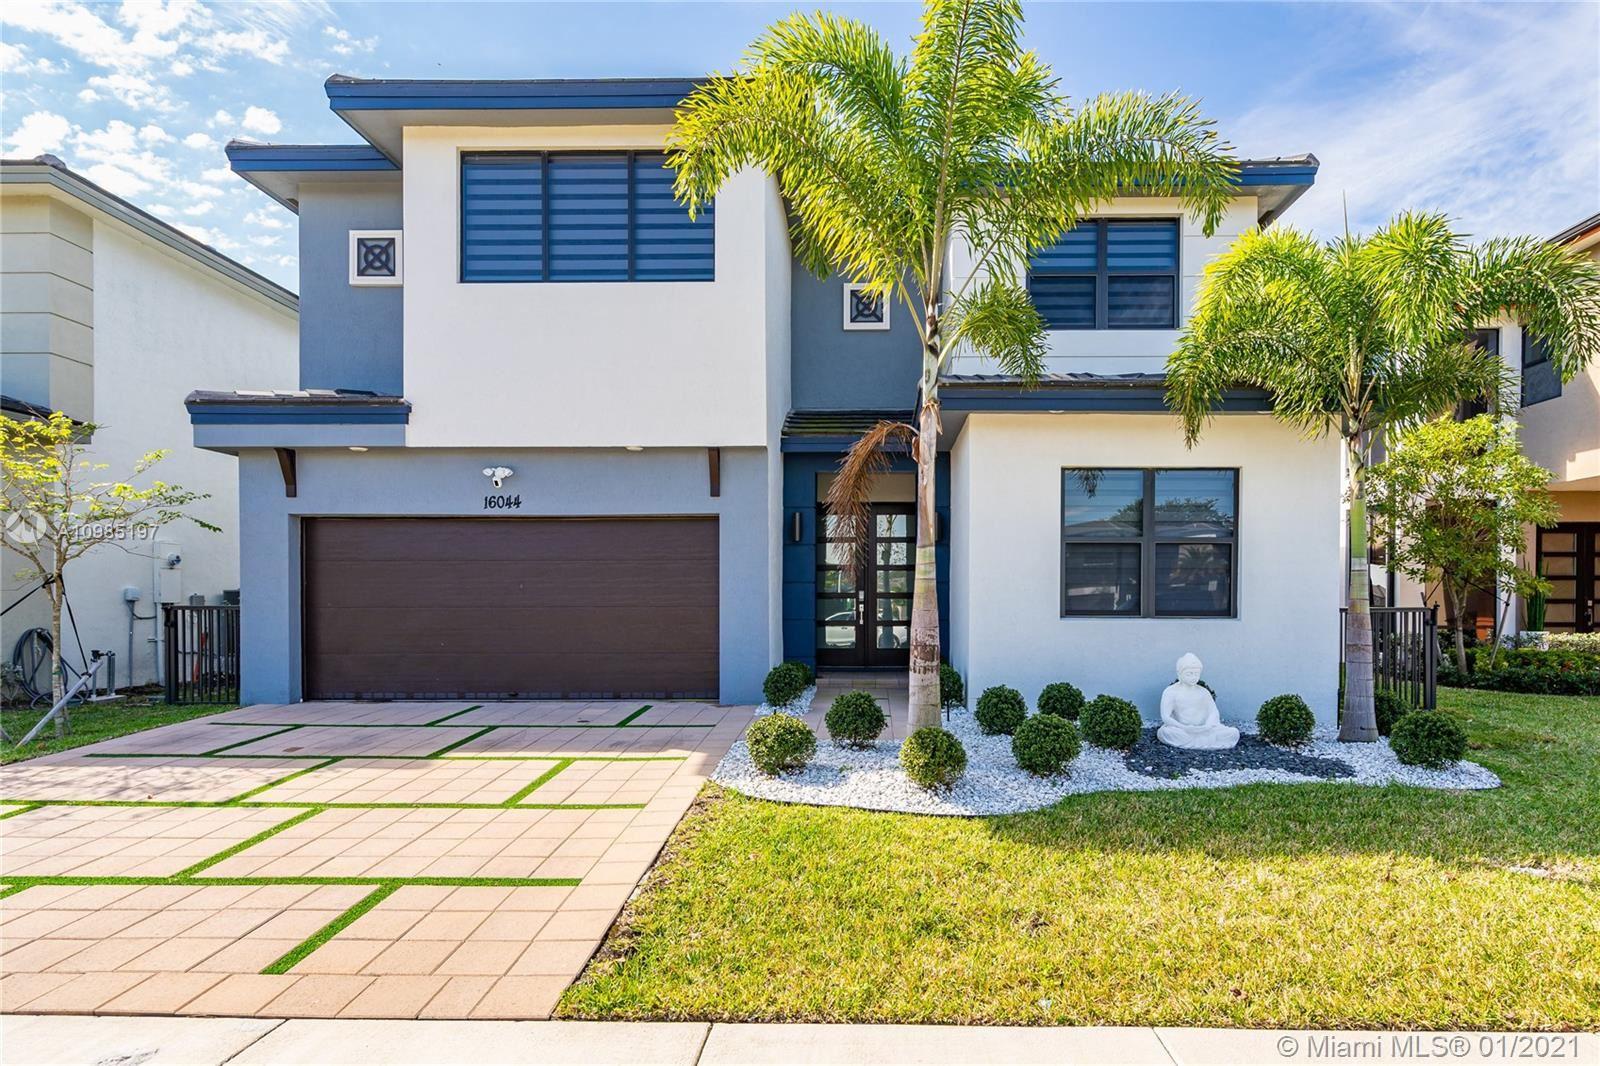 Miami Lakes, FL 33018